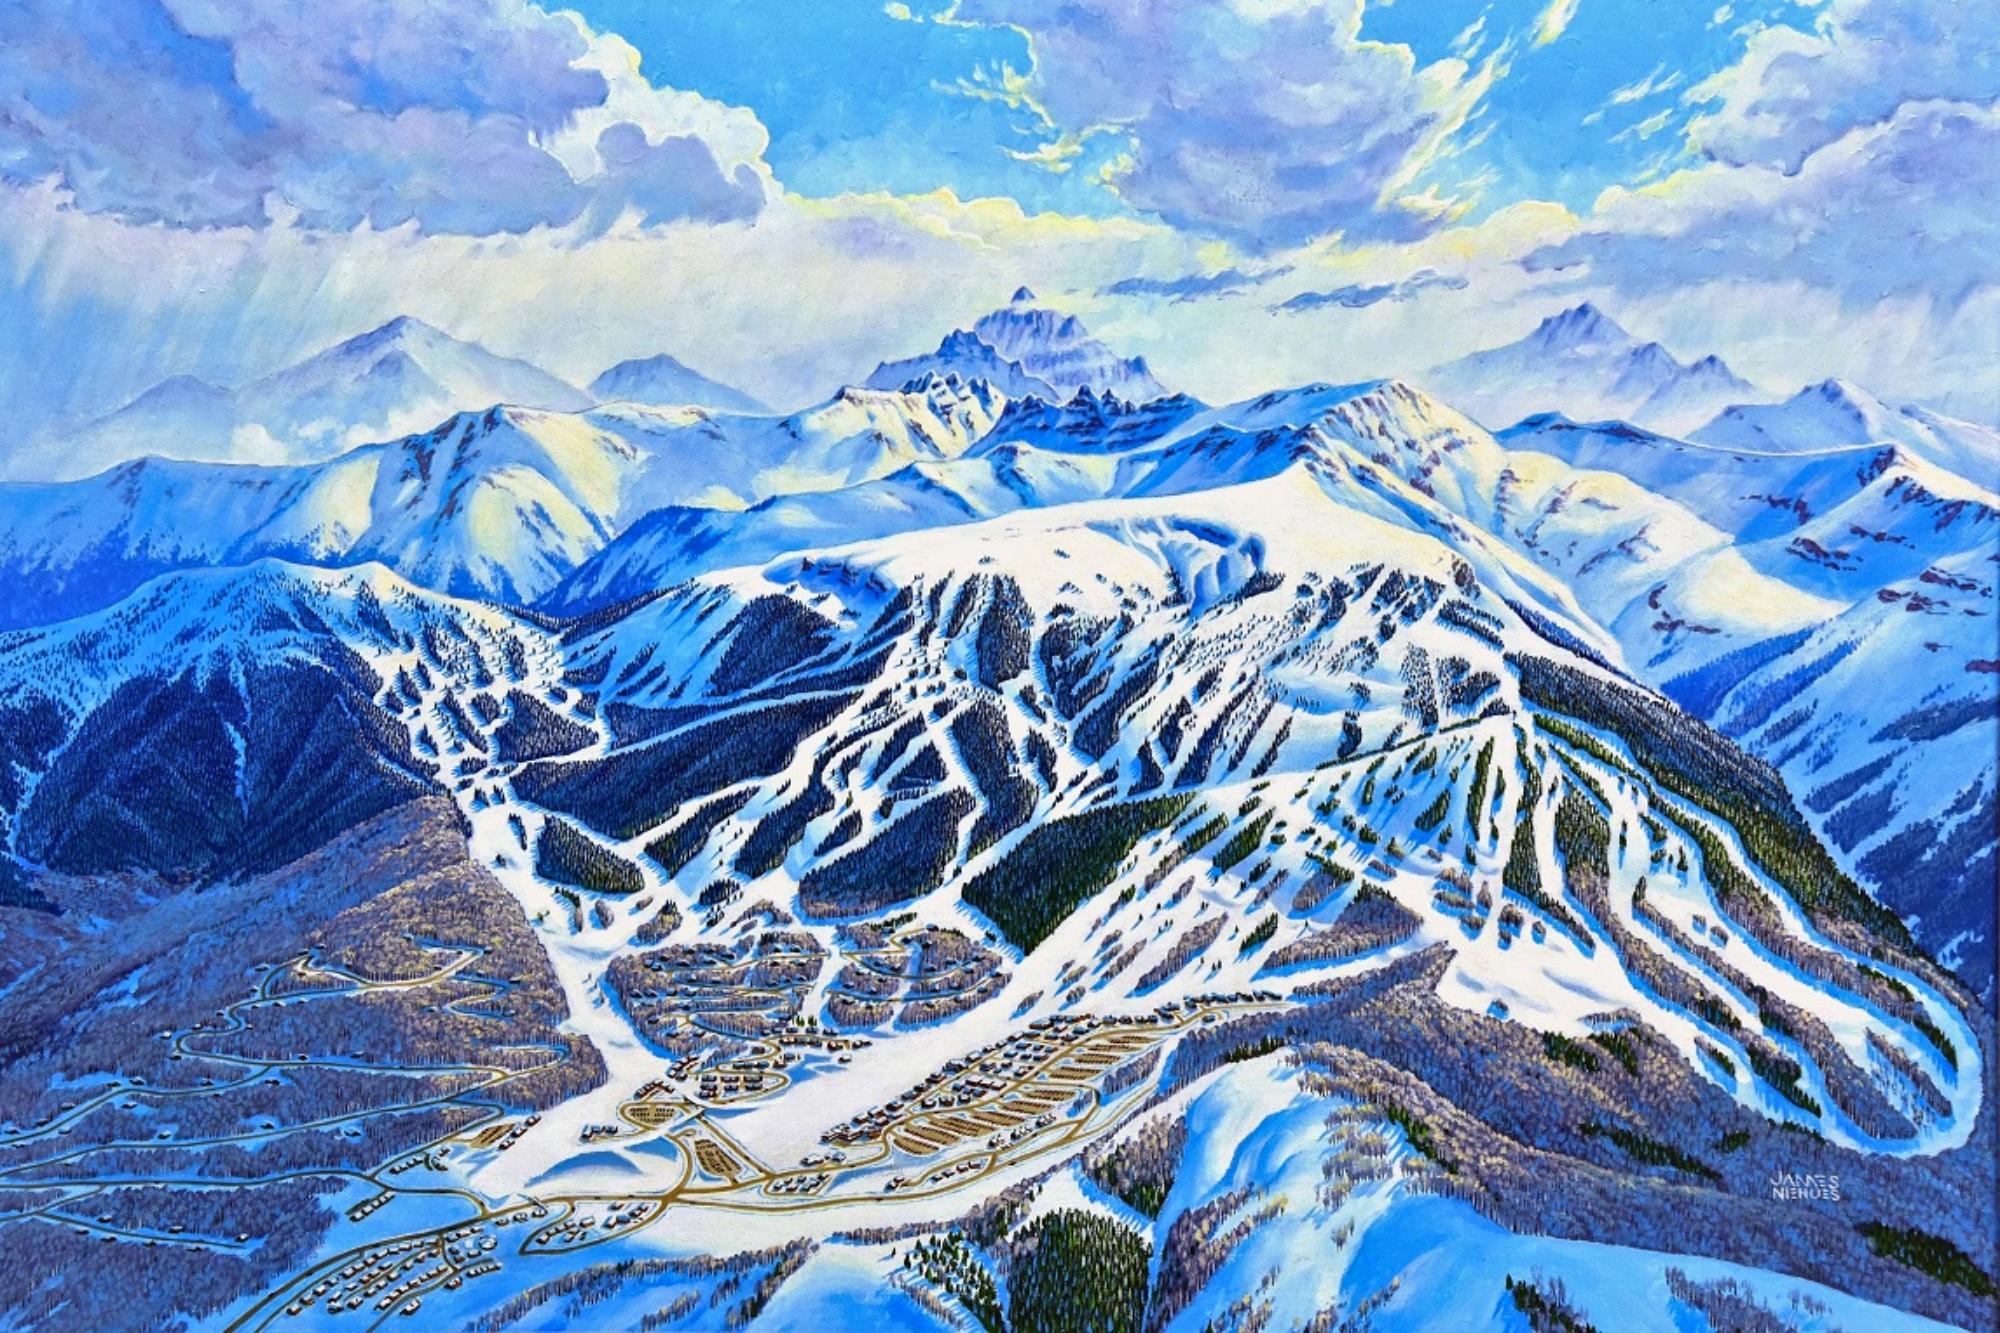 Misa de nieve de James Niehues; (Cortesía de J. Niehues vía Verde PR)